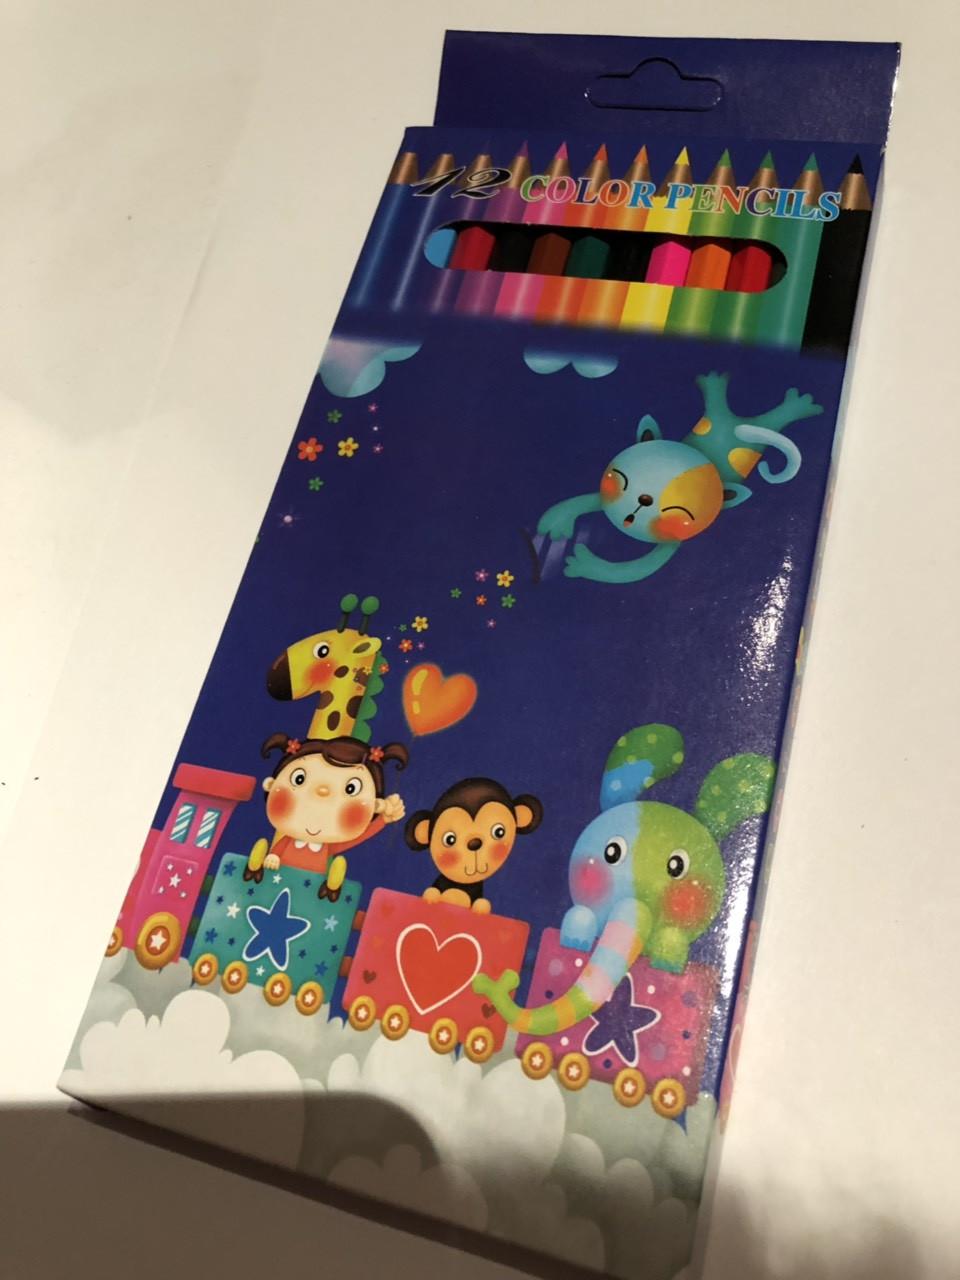 Набор цветных карандашей Colour pencils 7-12, 12 шт Синий